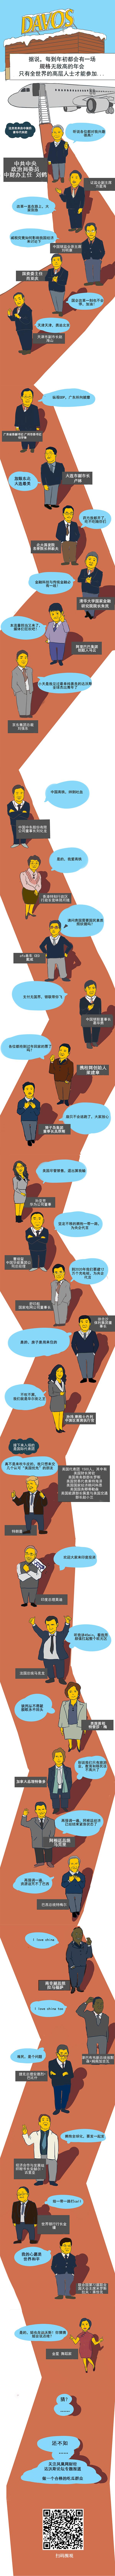 明天世界要开一重要会议 中国派出阵容强大代表团